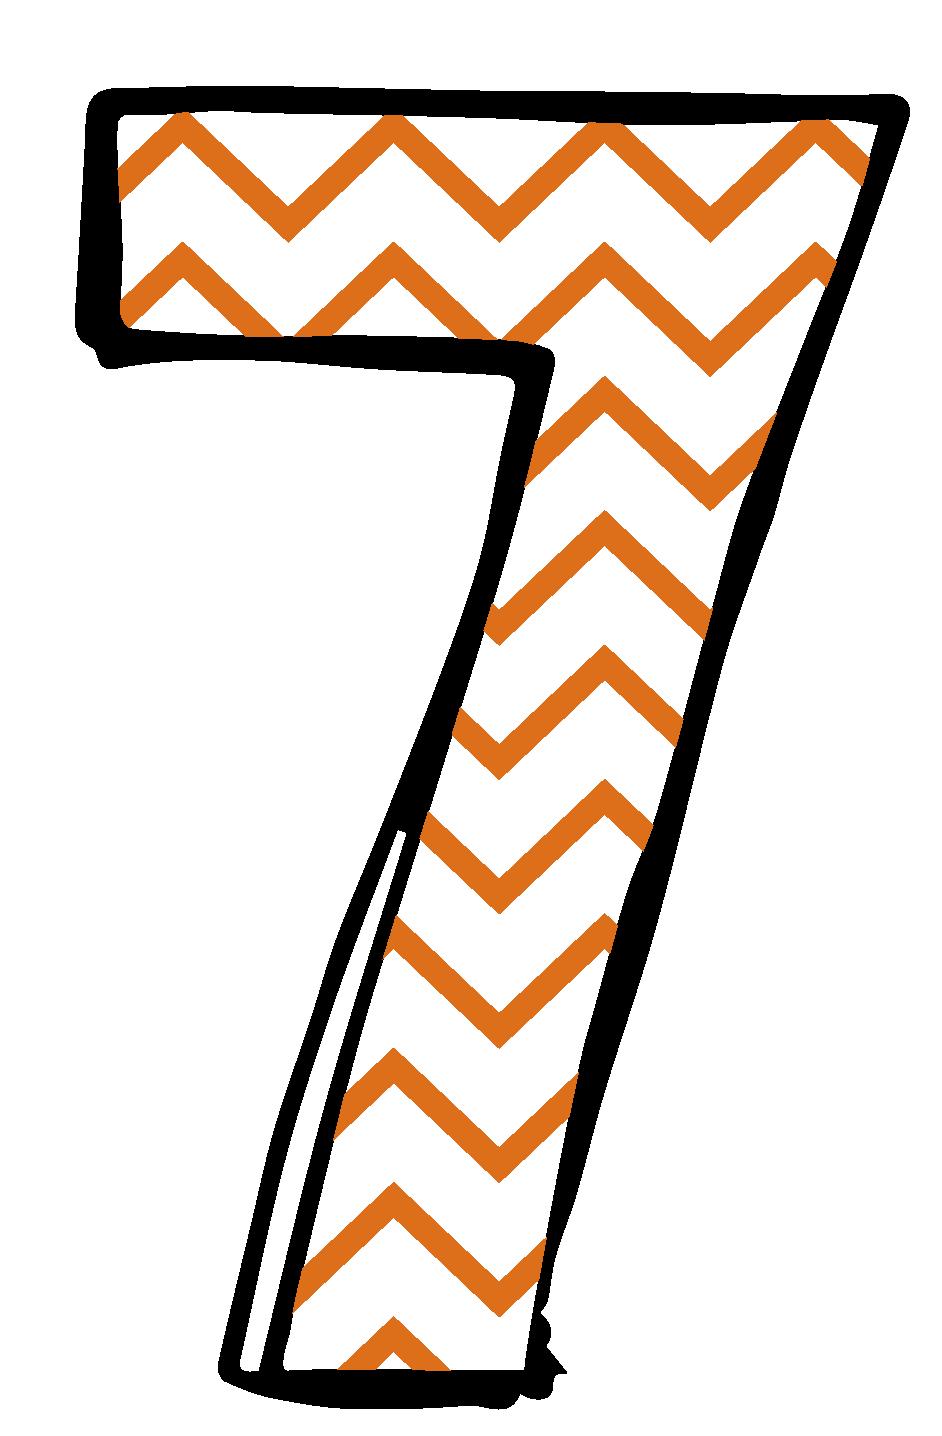 942x1436 Number 7 Clip Art Cliparts